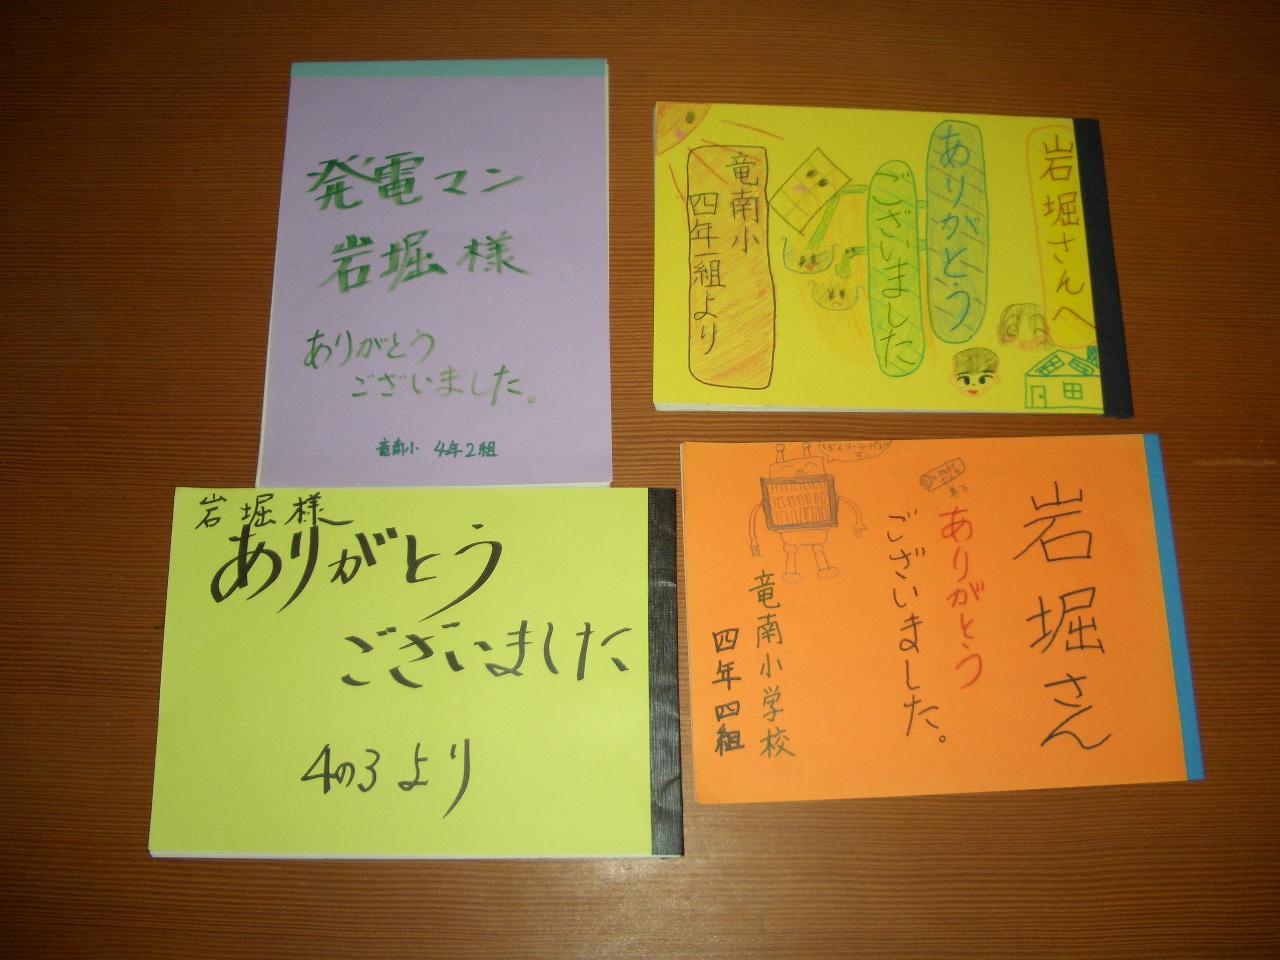 それぞれクラスごとにまとめられた感想文の表紙です。